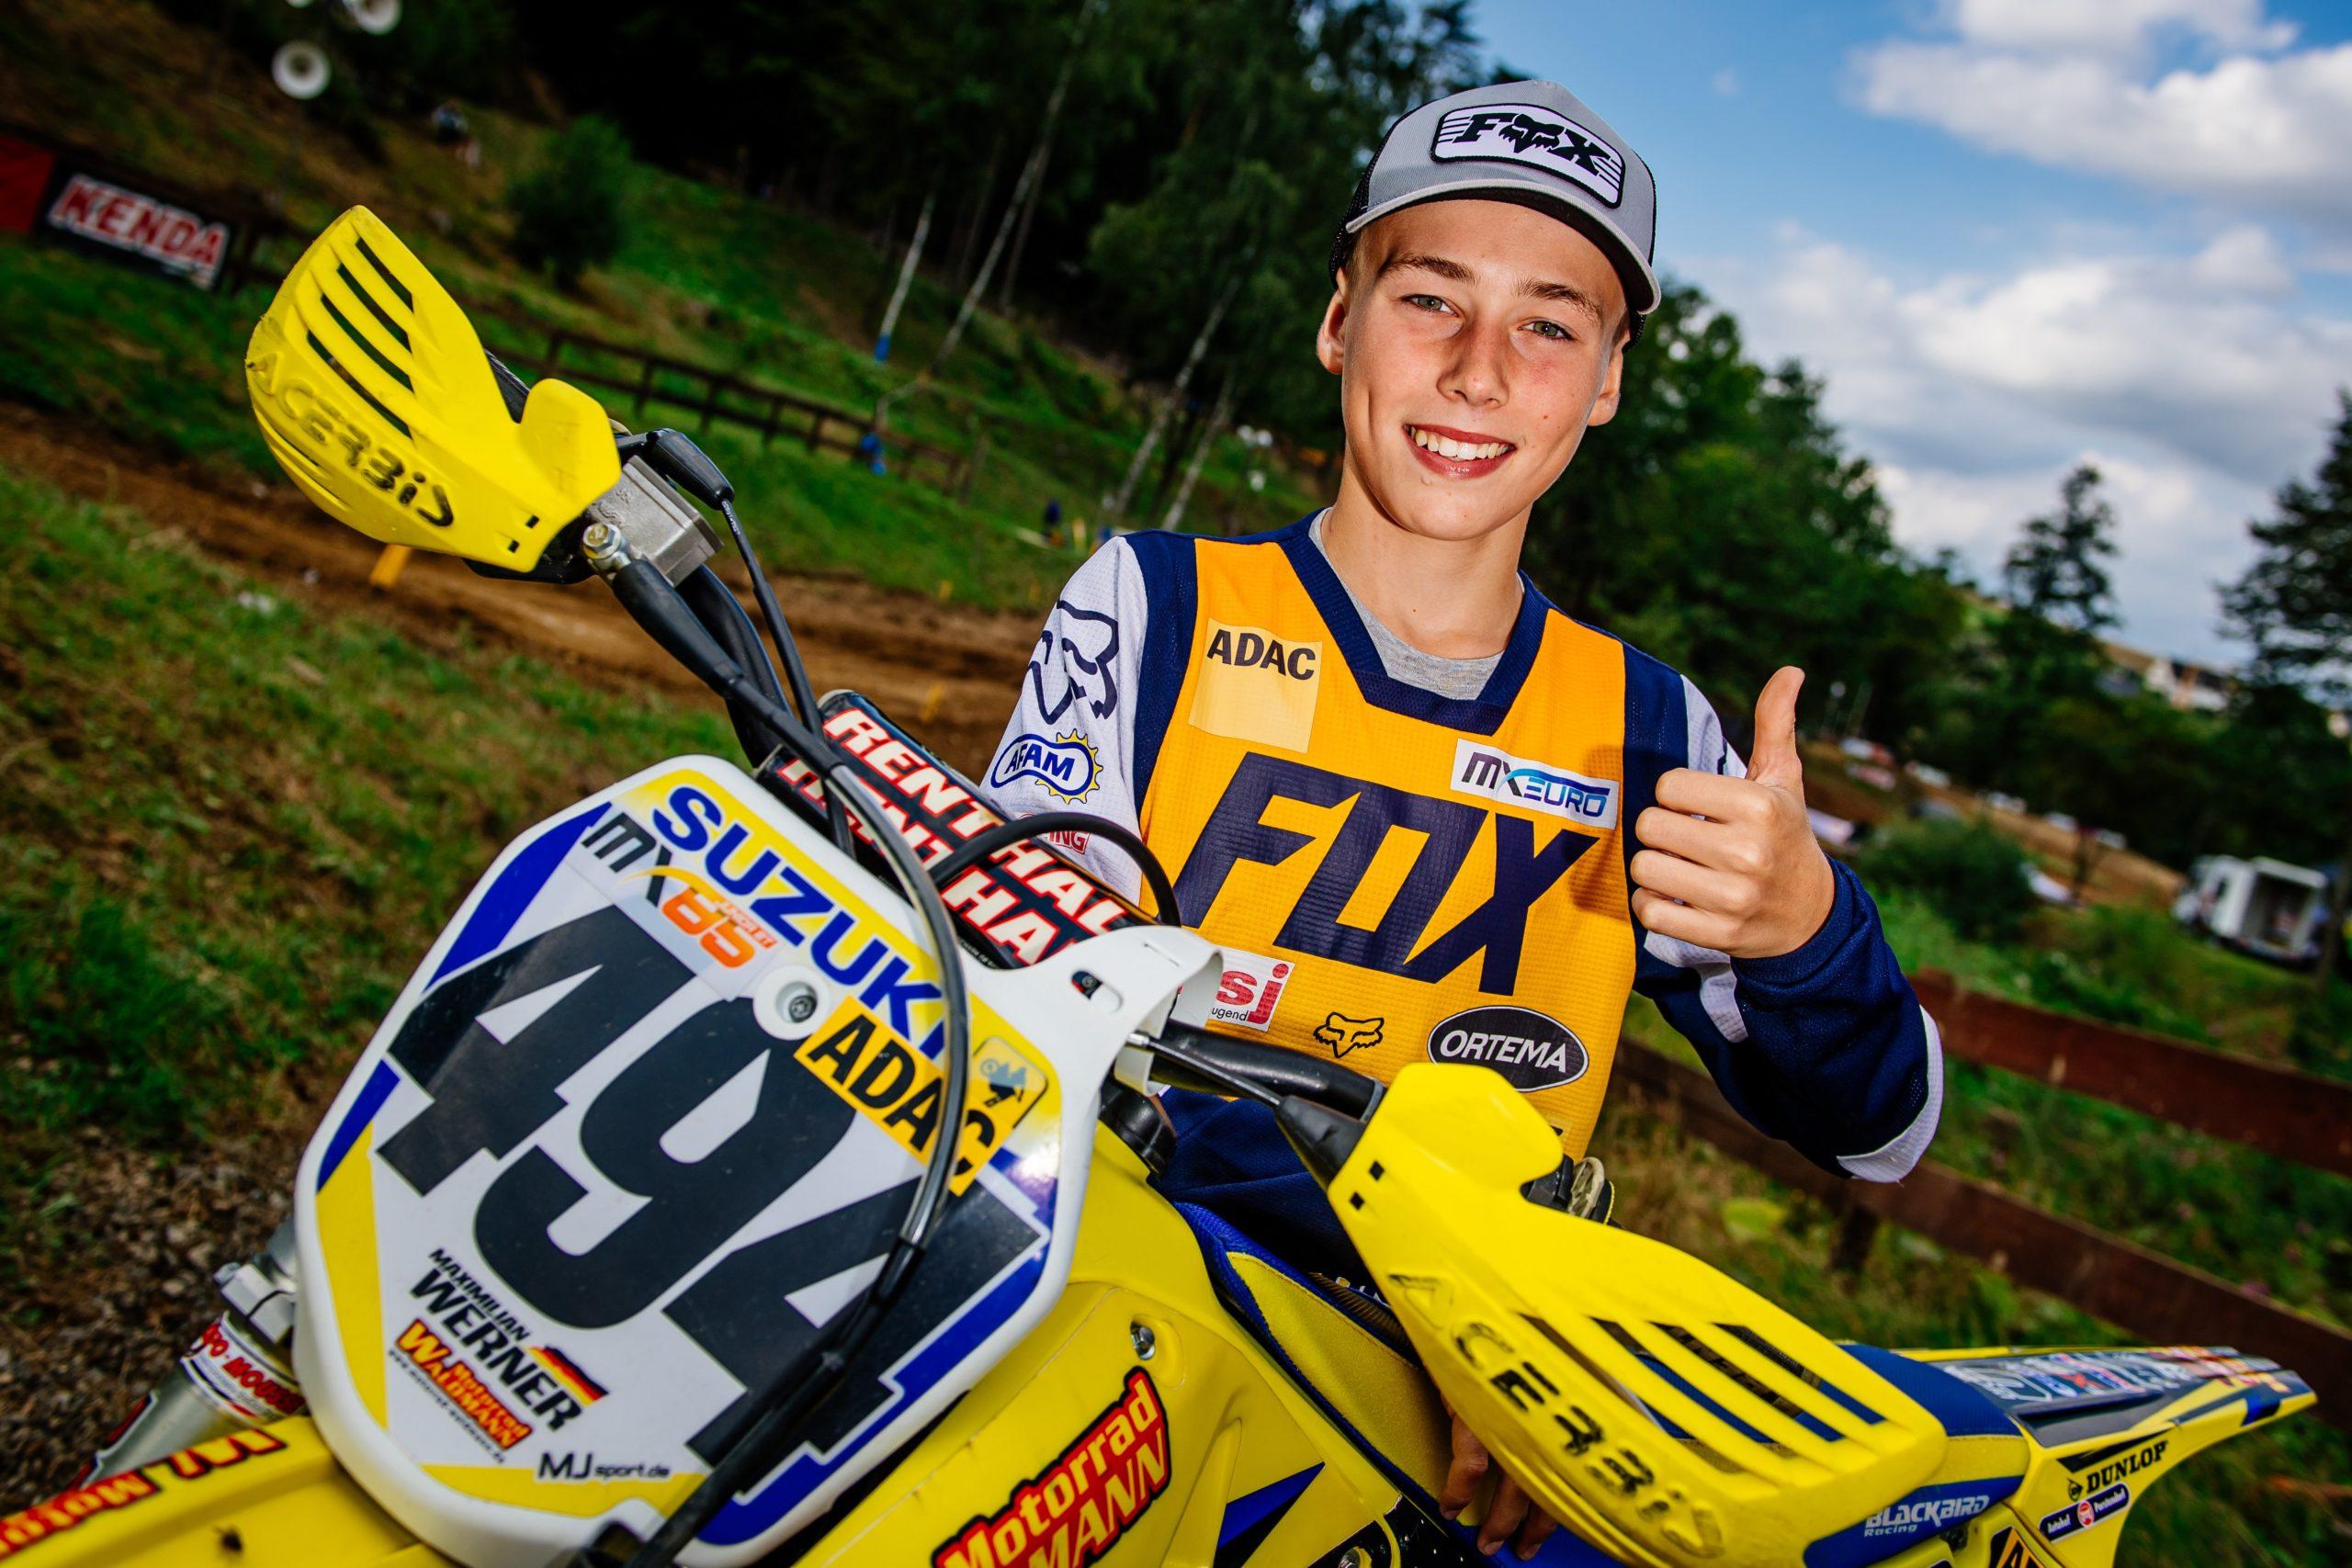 Erster Sieg für Maximilian Werner im ADAC MX Junior Cup 85